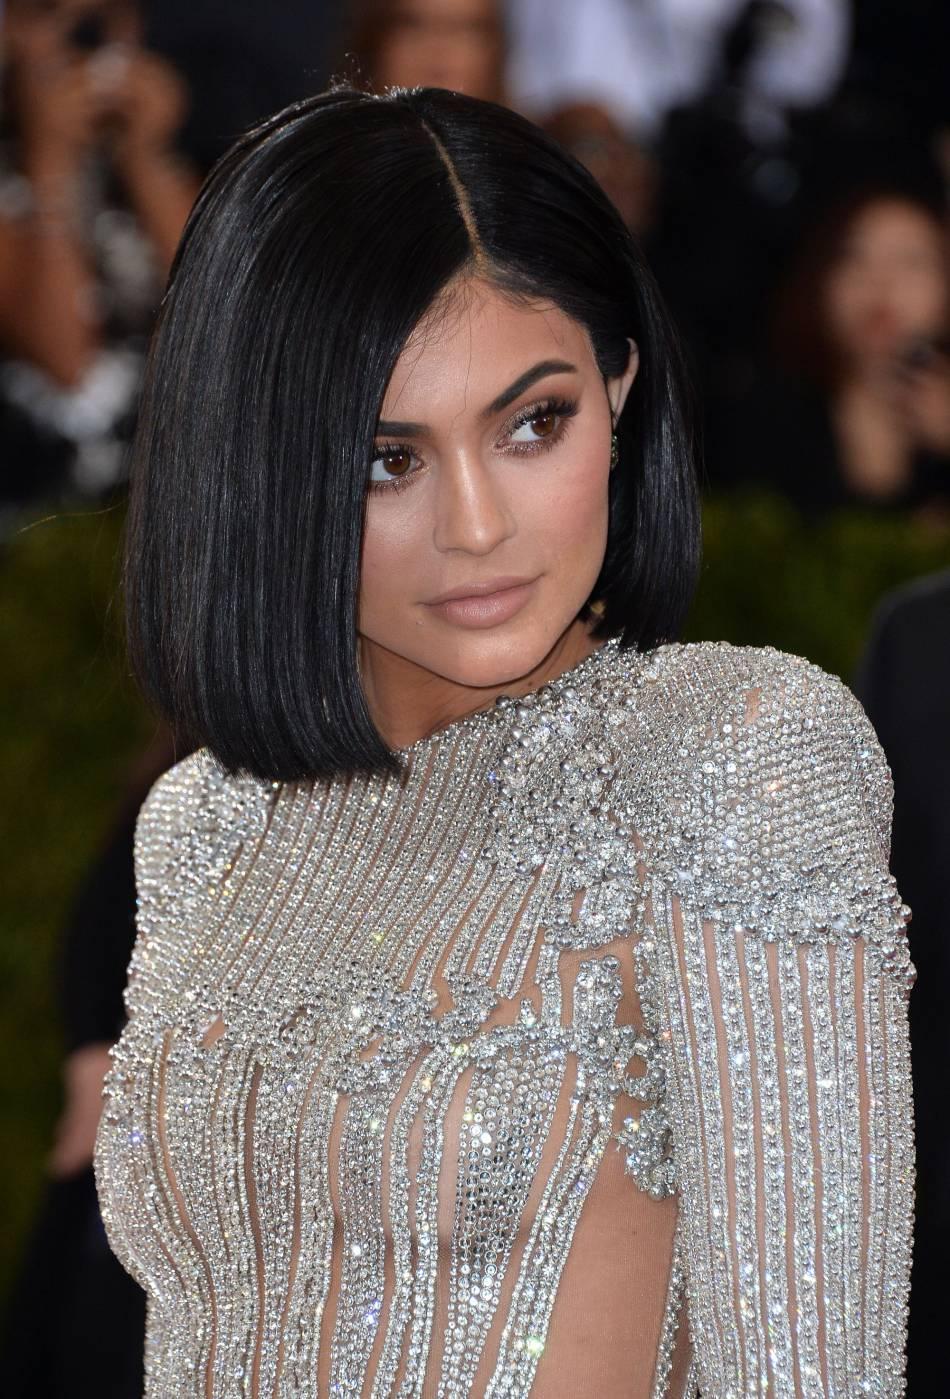 Exit les extensions colorées, c'est avec un carré parfaitement lisse et un teint nude que Kylie Jenner foule le tapis rouge du Met Ball Gala.